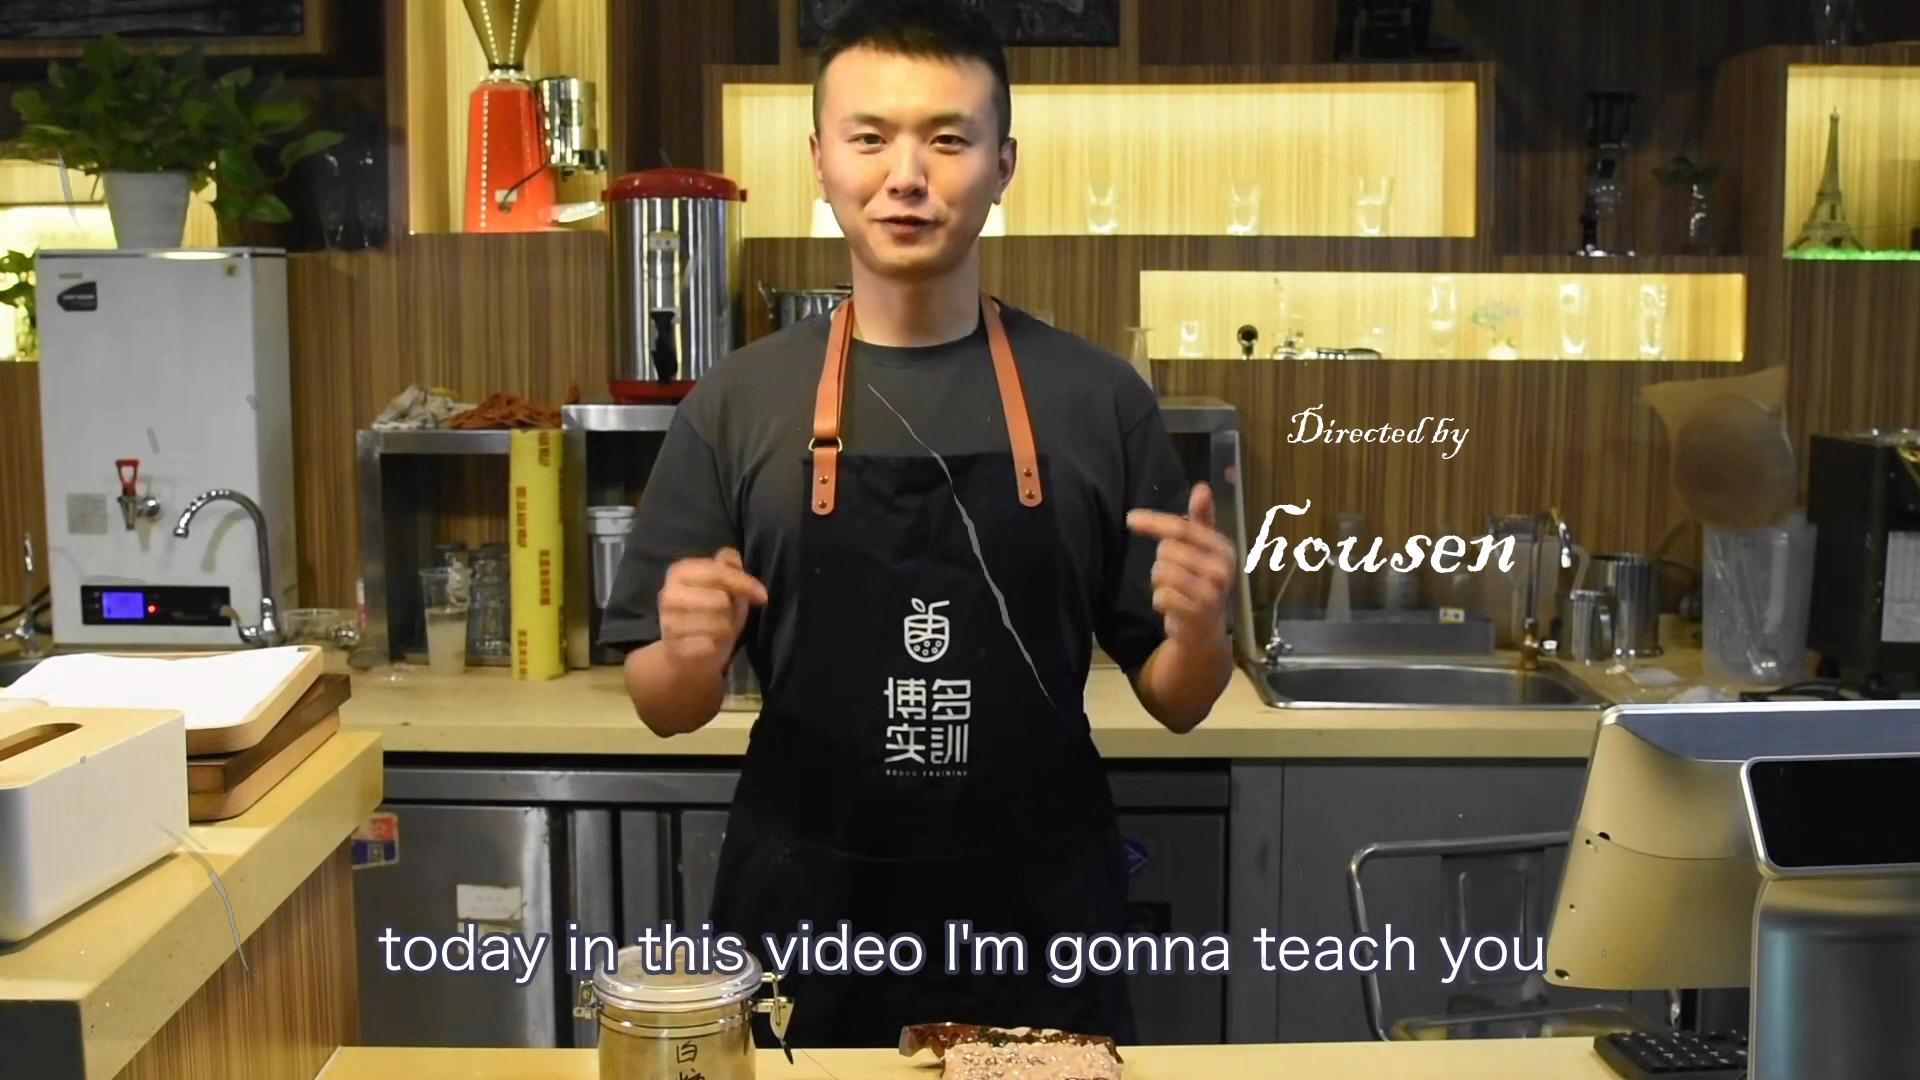 1KG ताइवान चीन में सबसे अच्छा बेच काले टैपिओका मोती